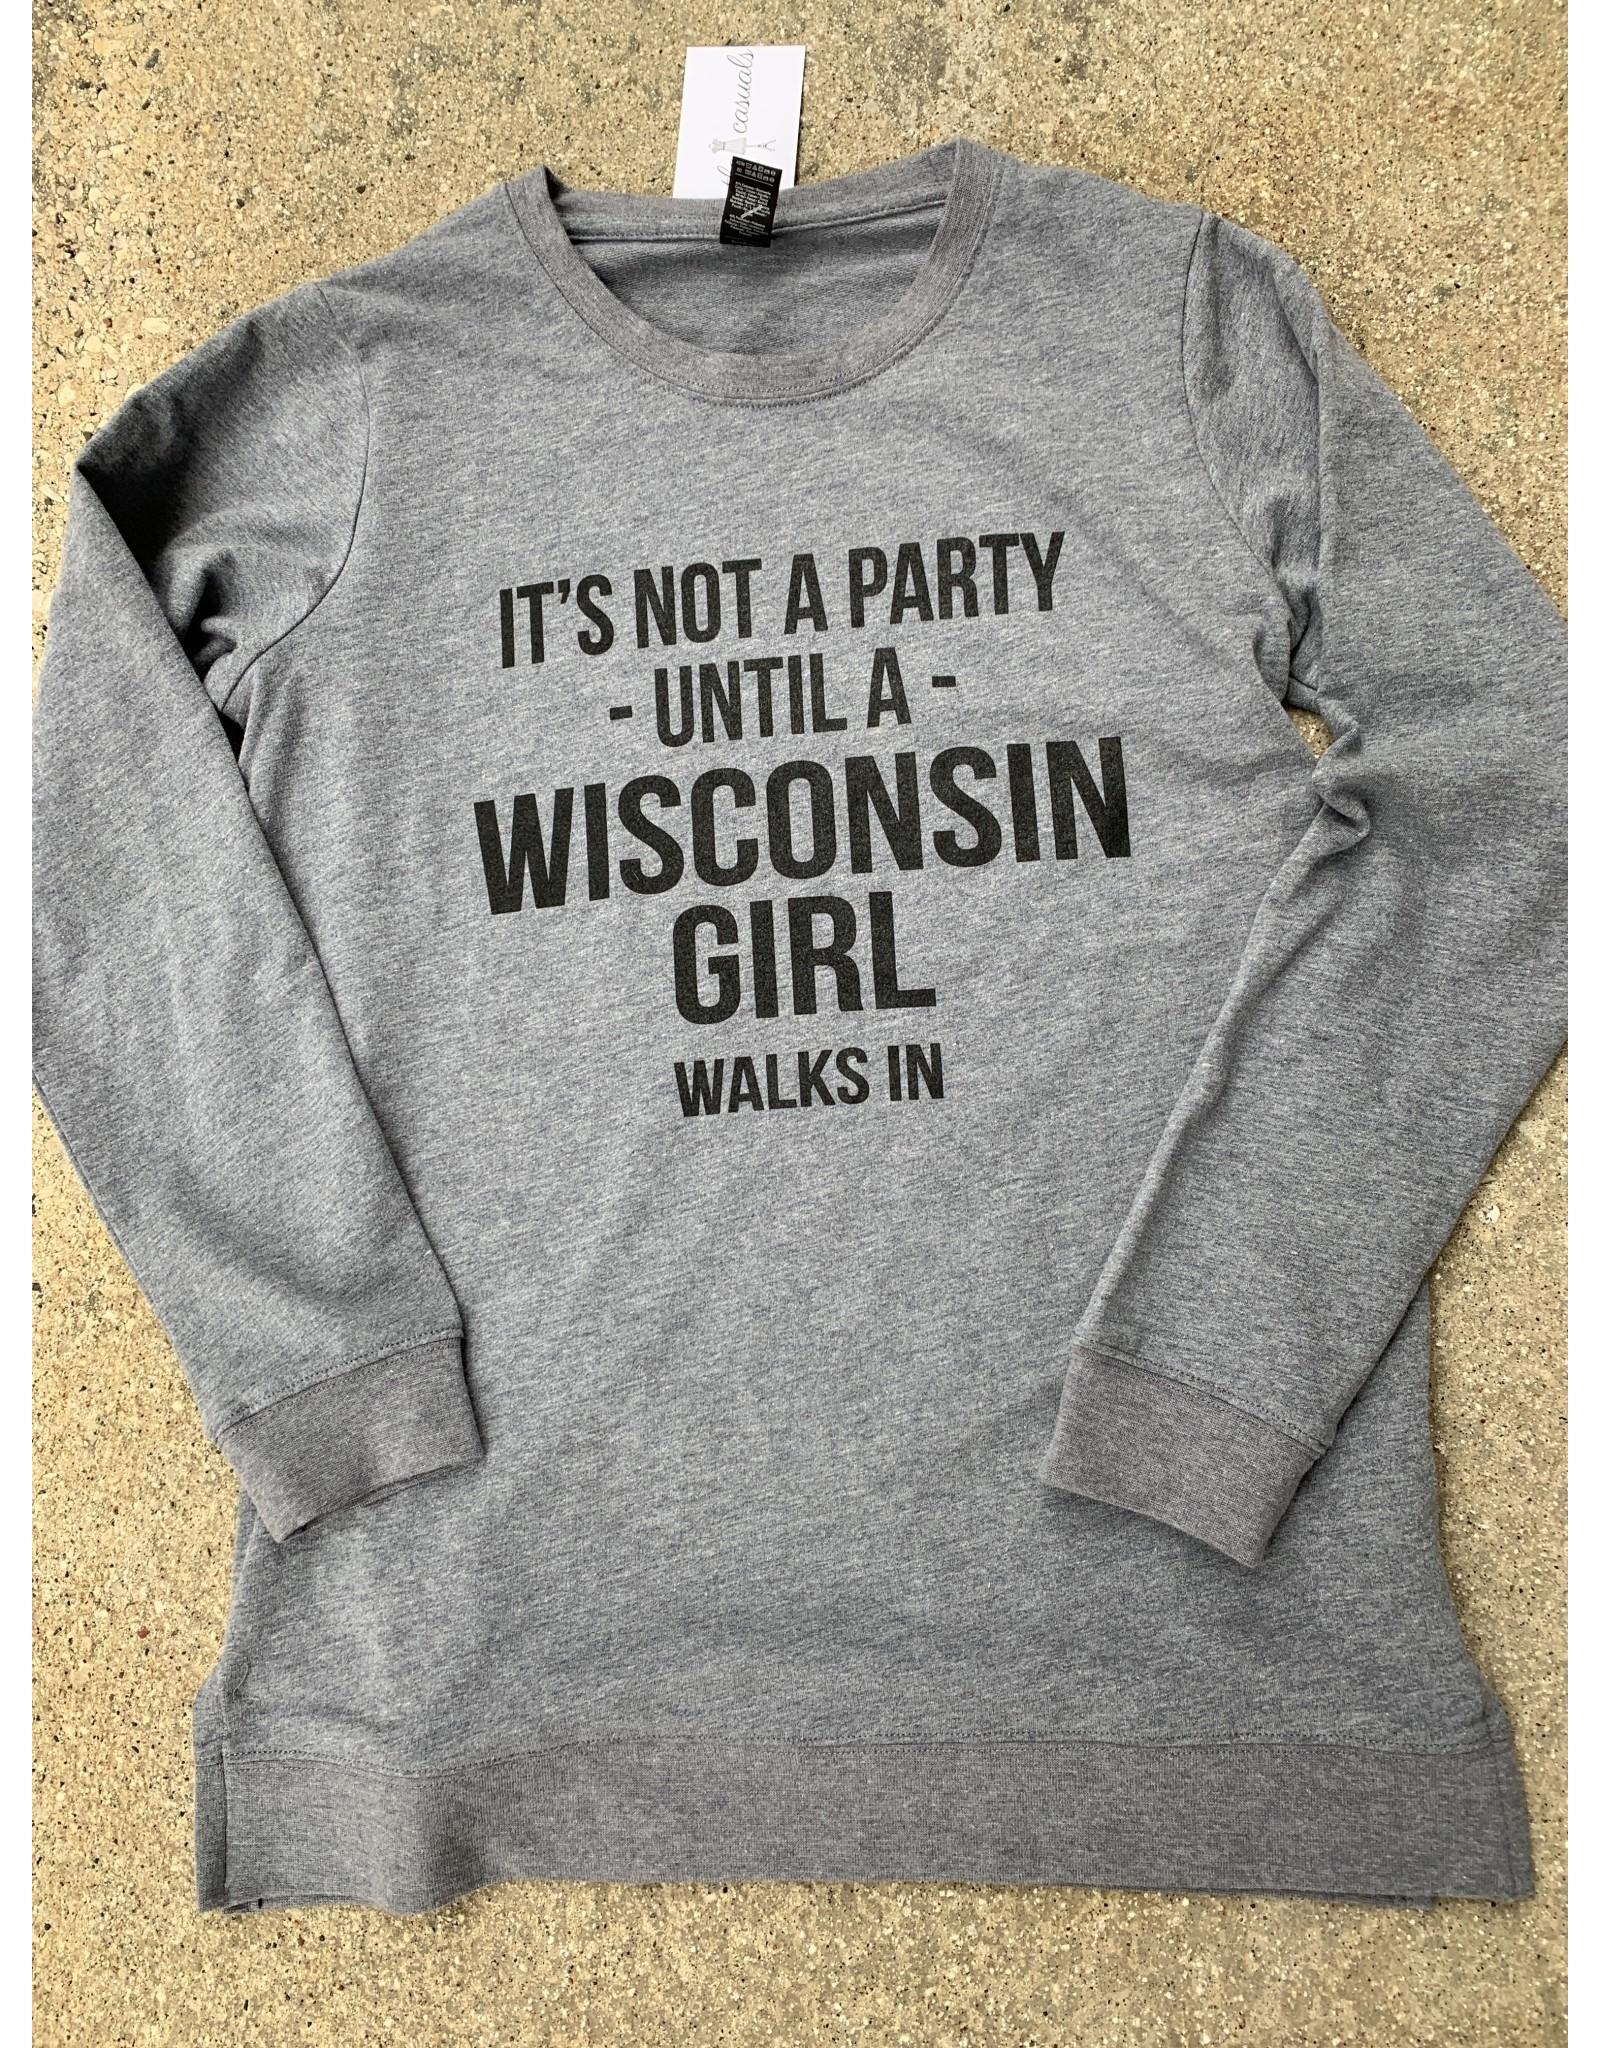 Wisconsin Party Girl Crew Neck Sweatshirt